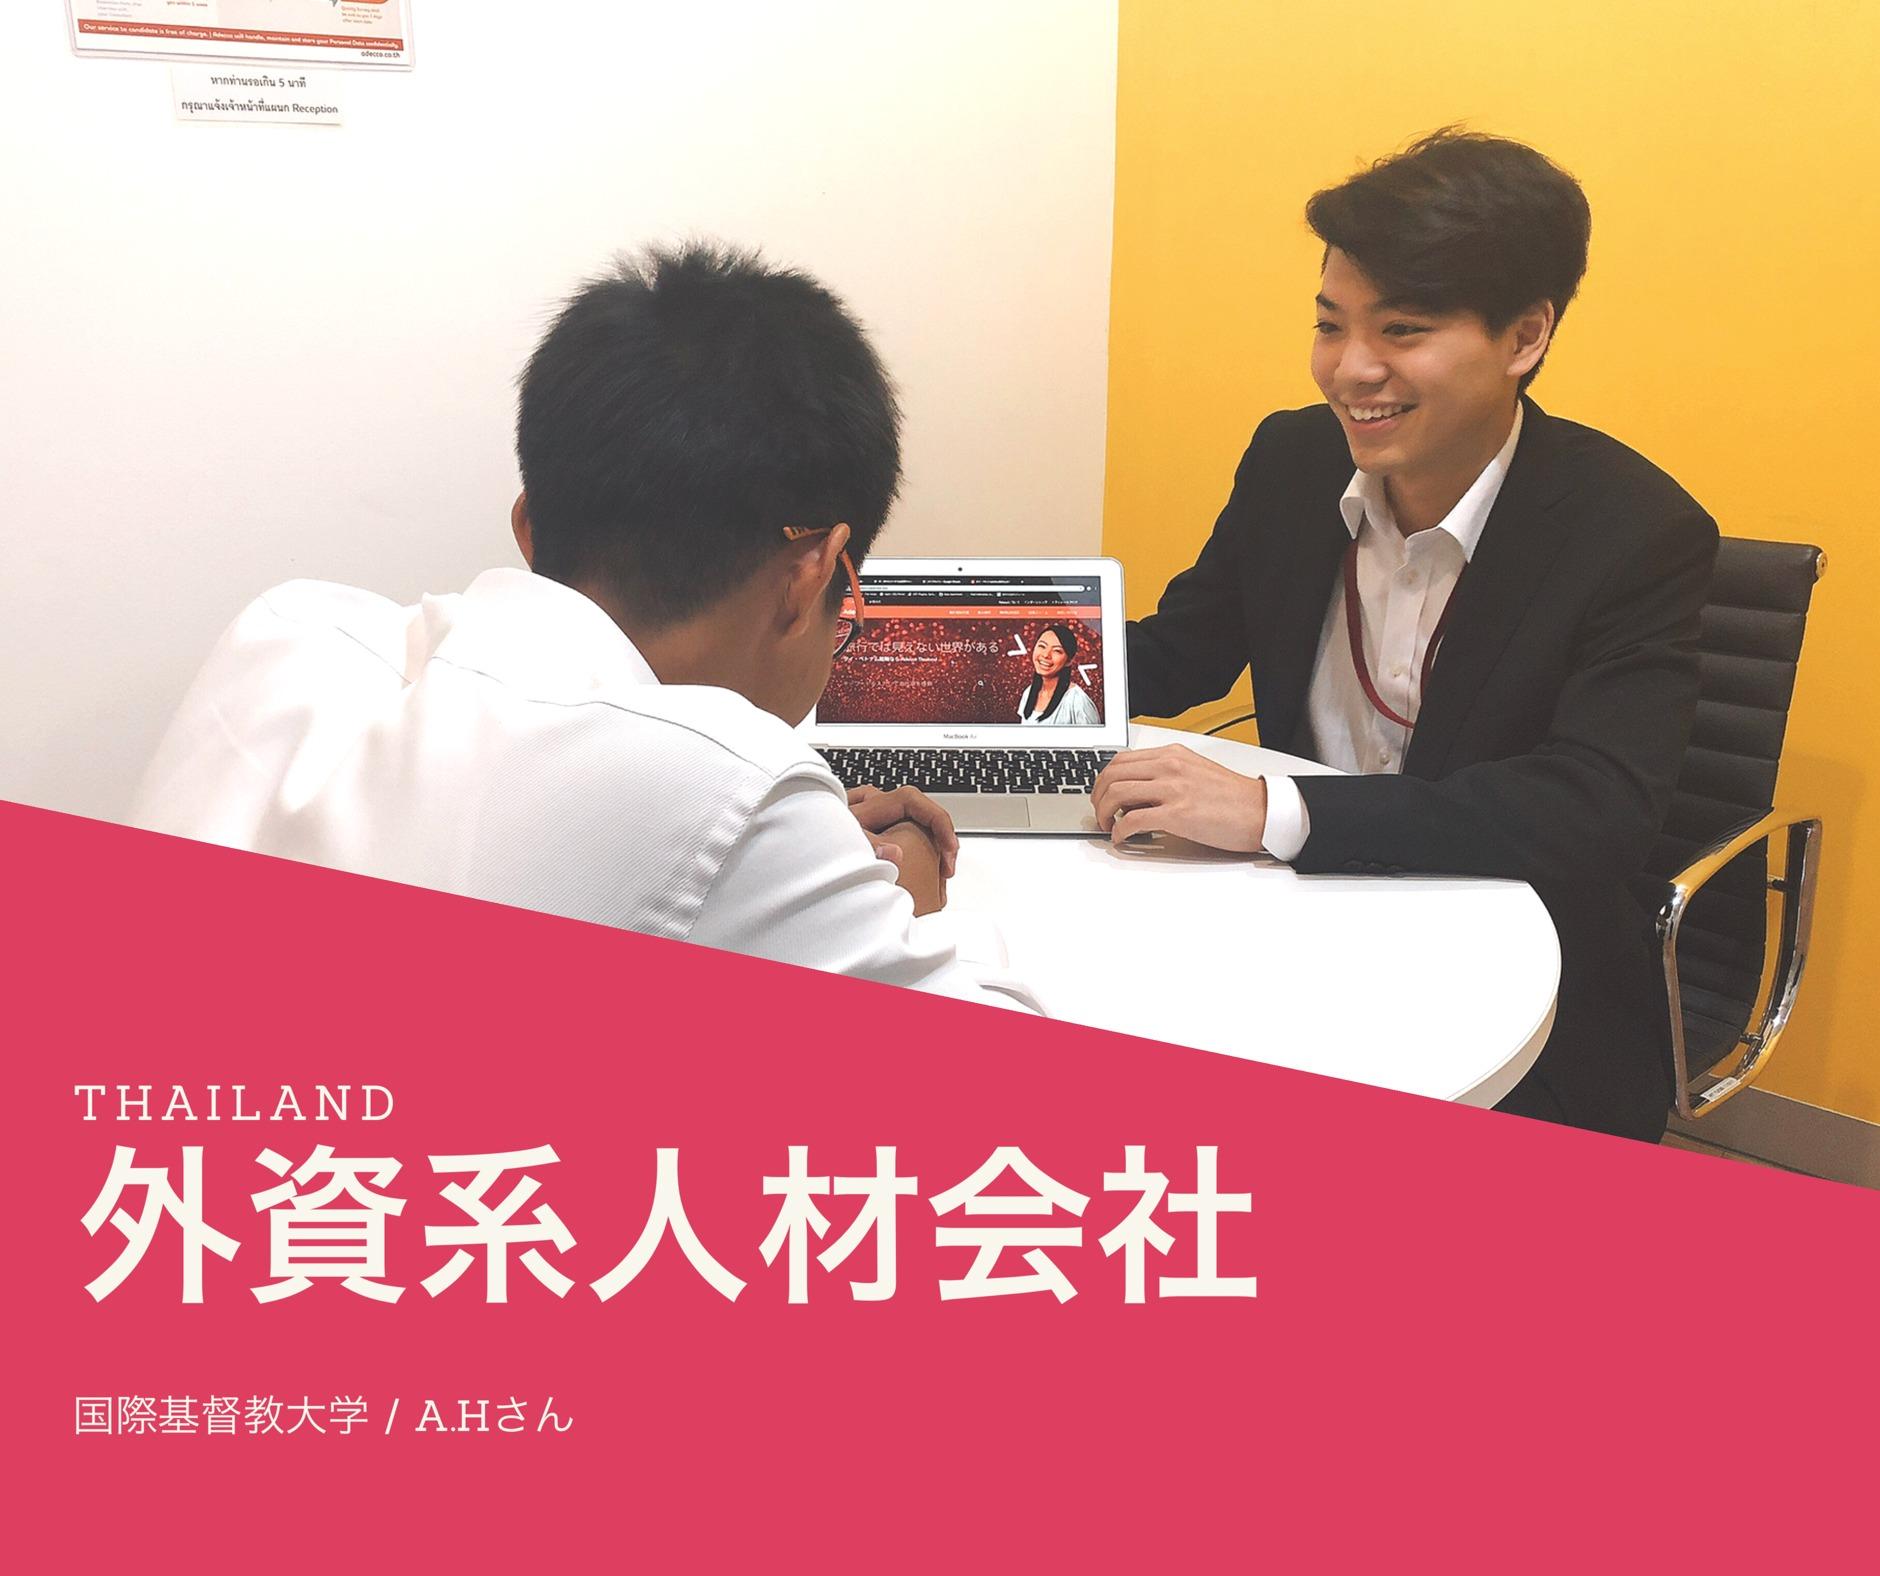 【海外インターン体験記/タイ】「本当の自分」を求めるDJ大学生